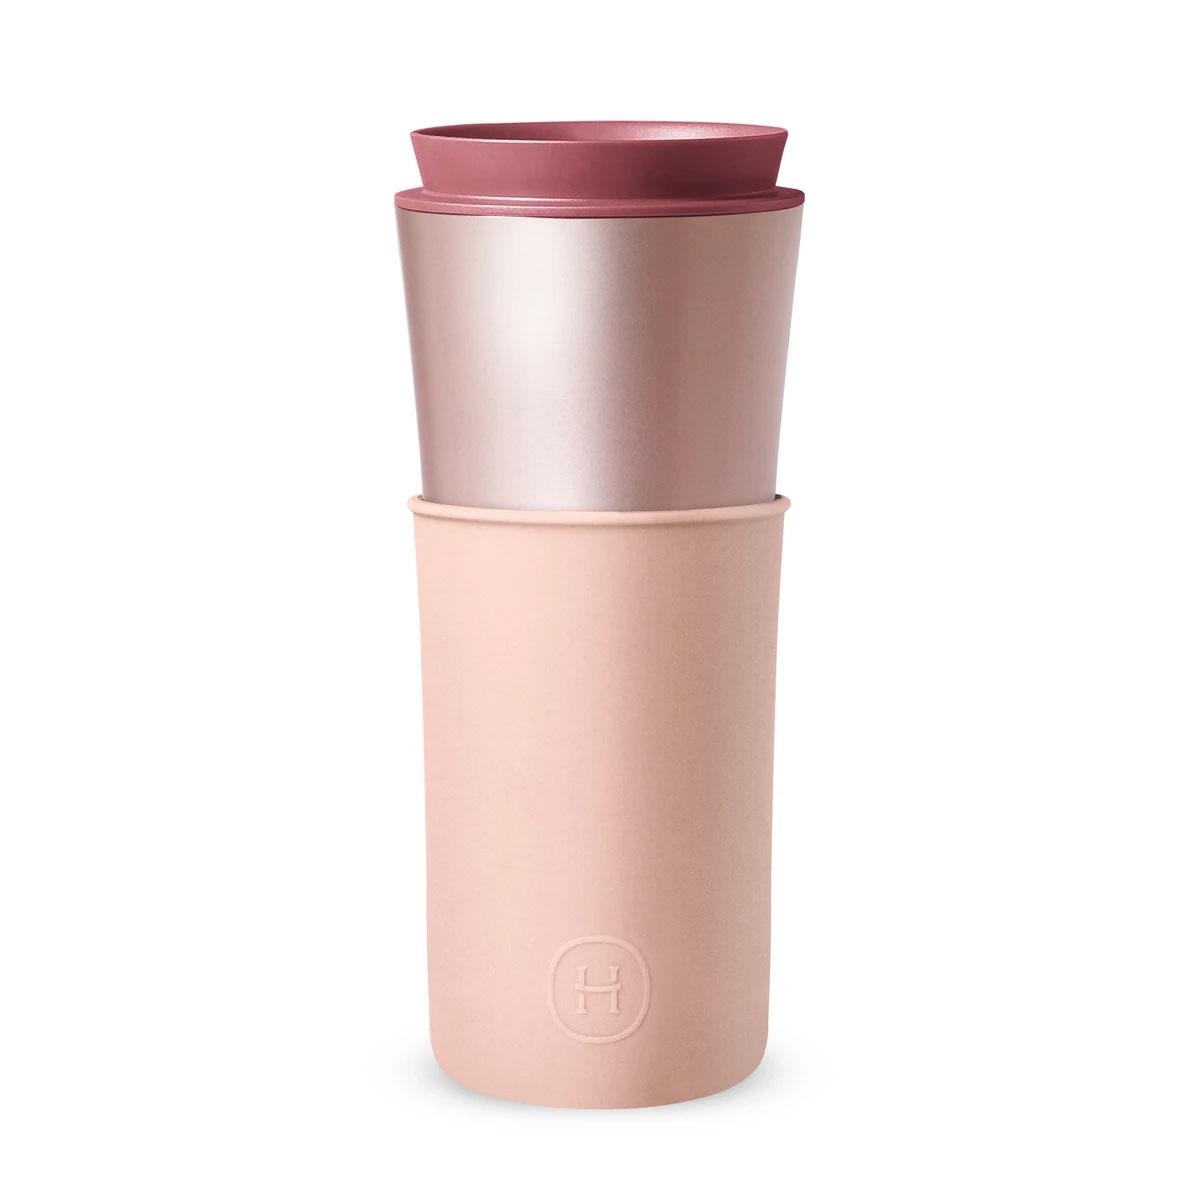 美國 HYDY 兩用隨行保溫杯 450ml 珠光粉杯 (拿鐵)